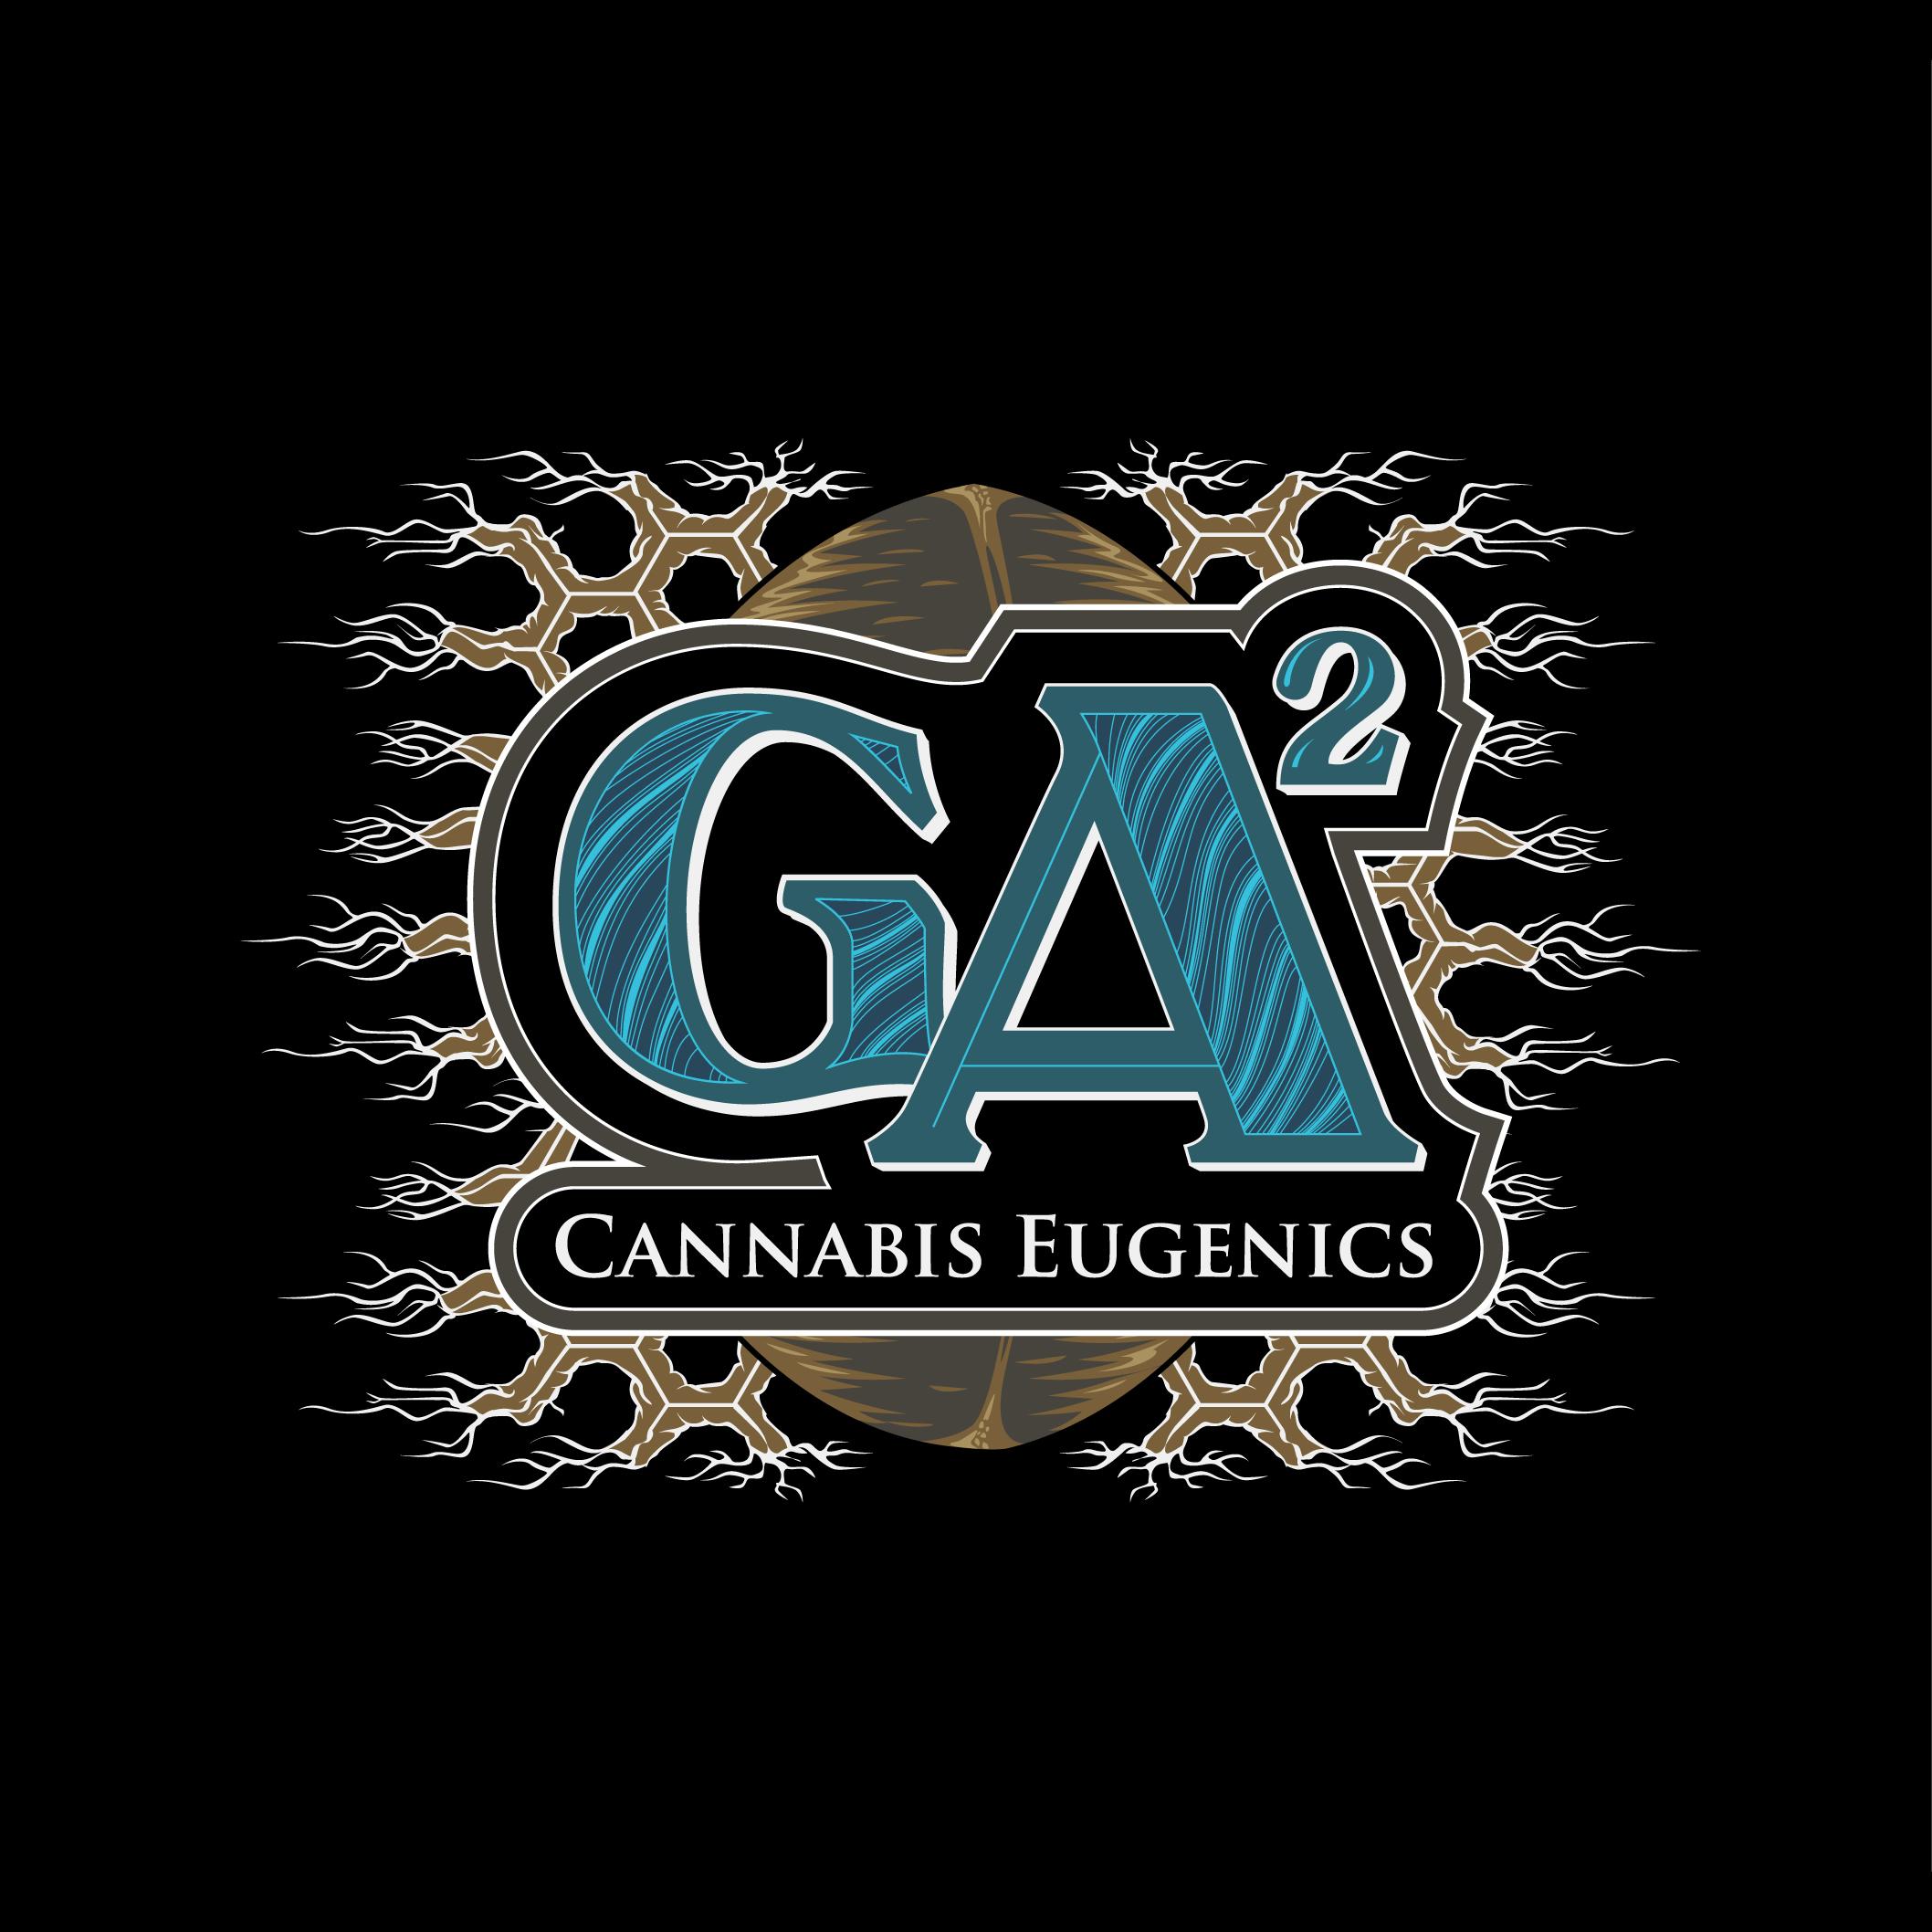 GA2_eugenics_logo_FINAL_A_square.jpg